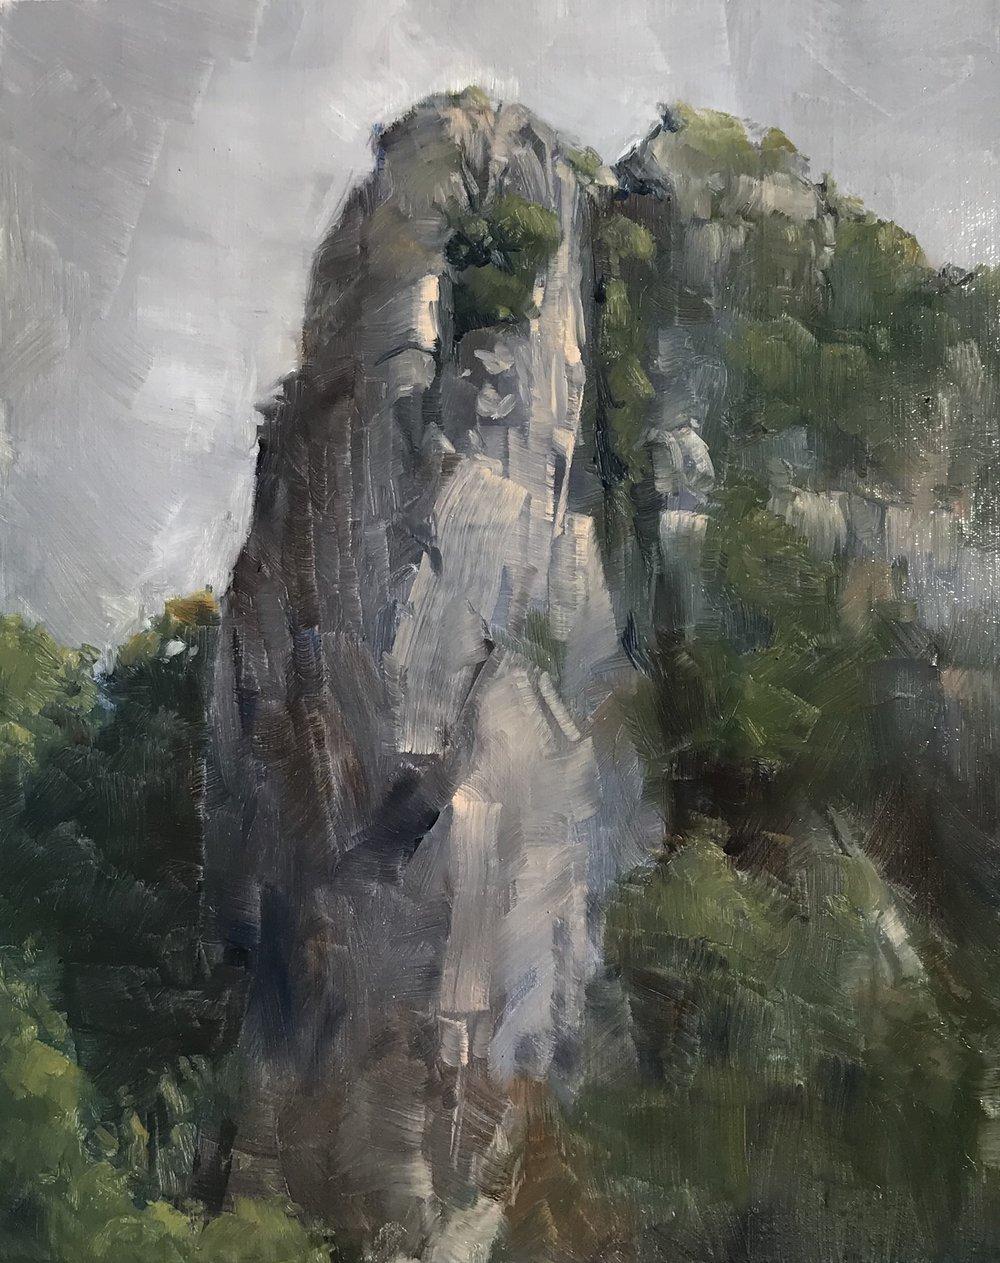 Cliff in Stifone